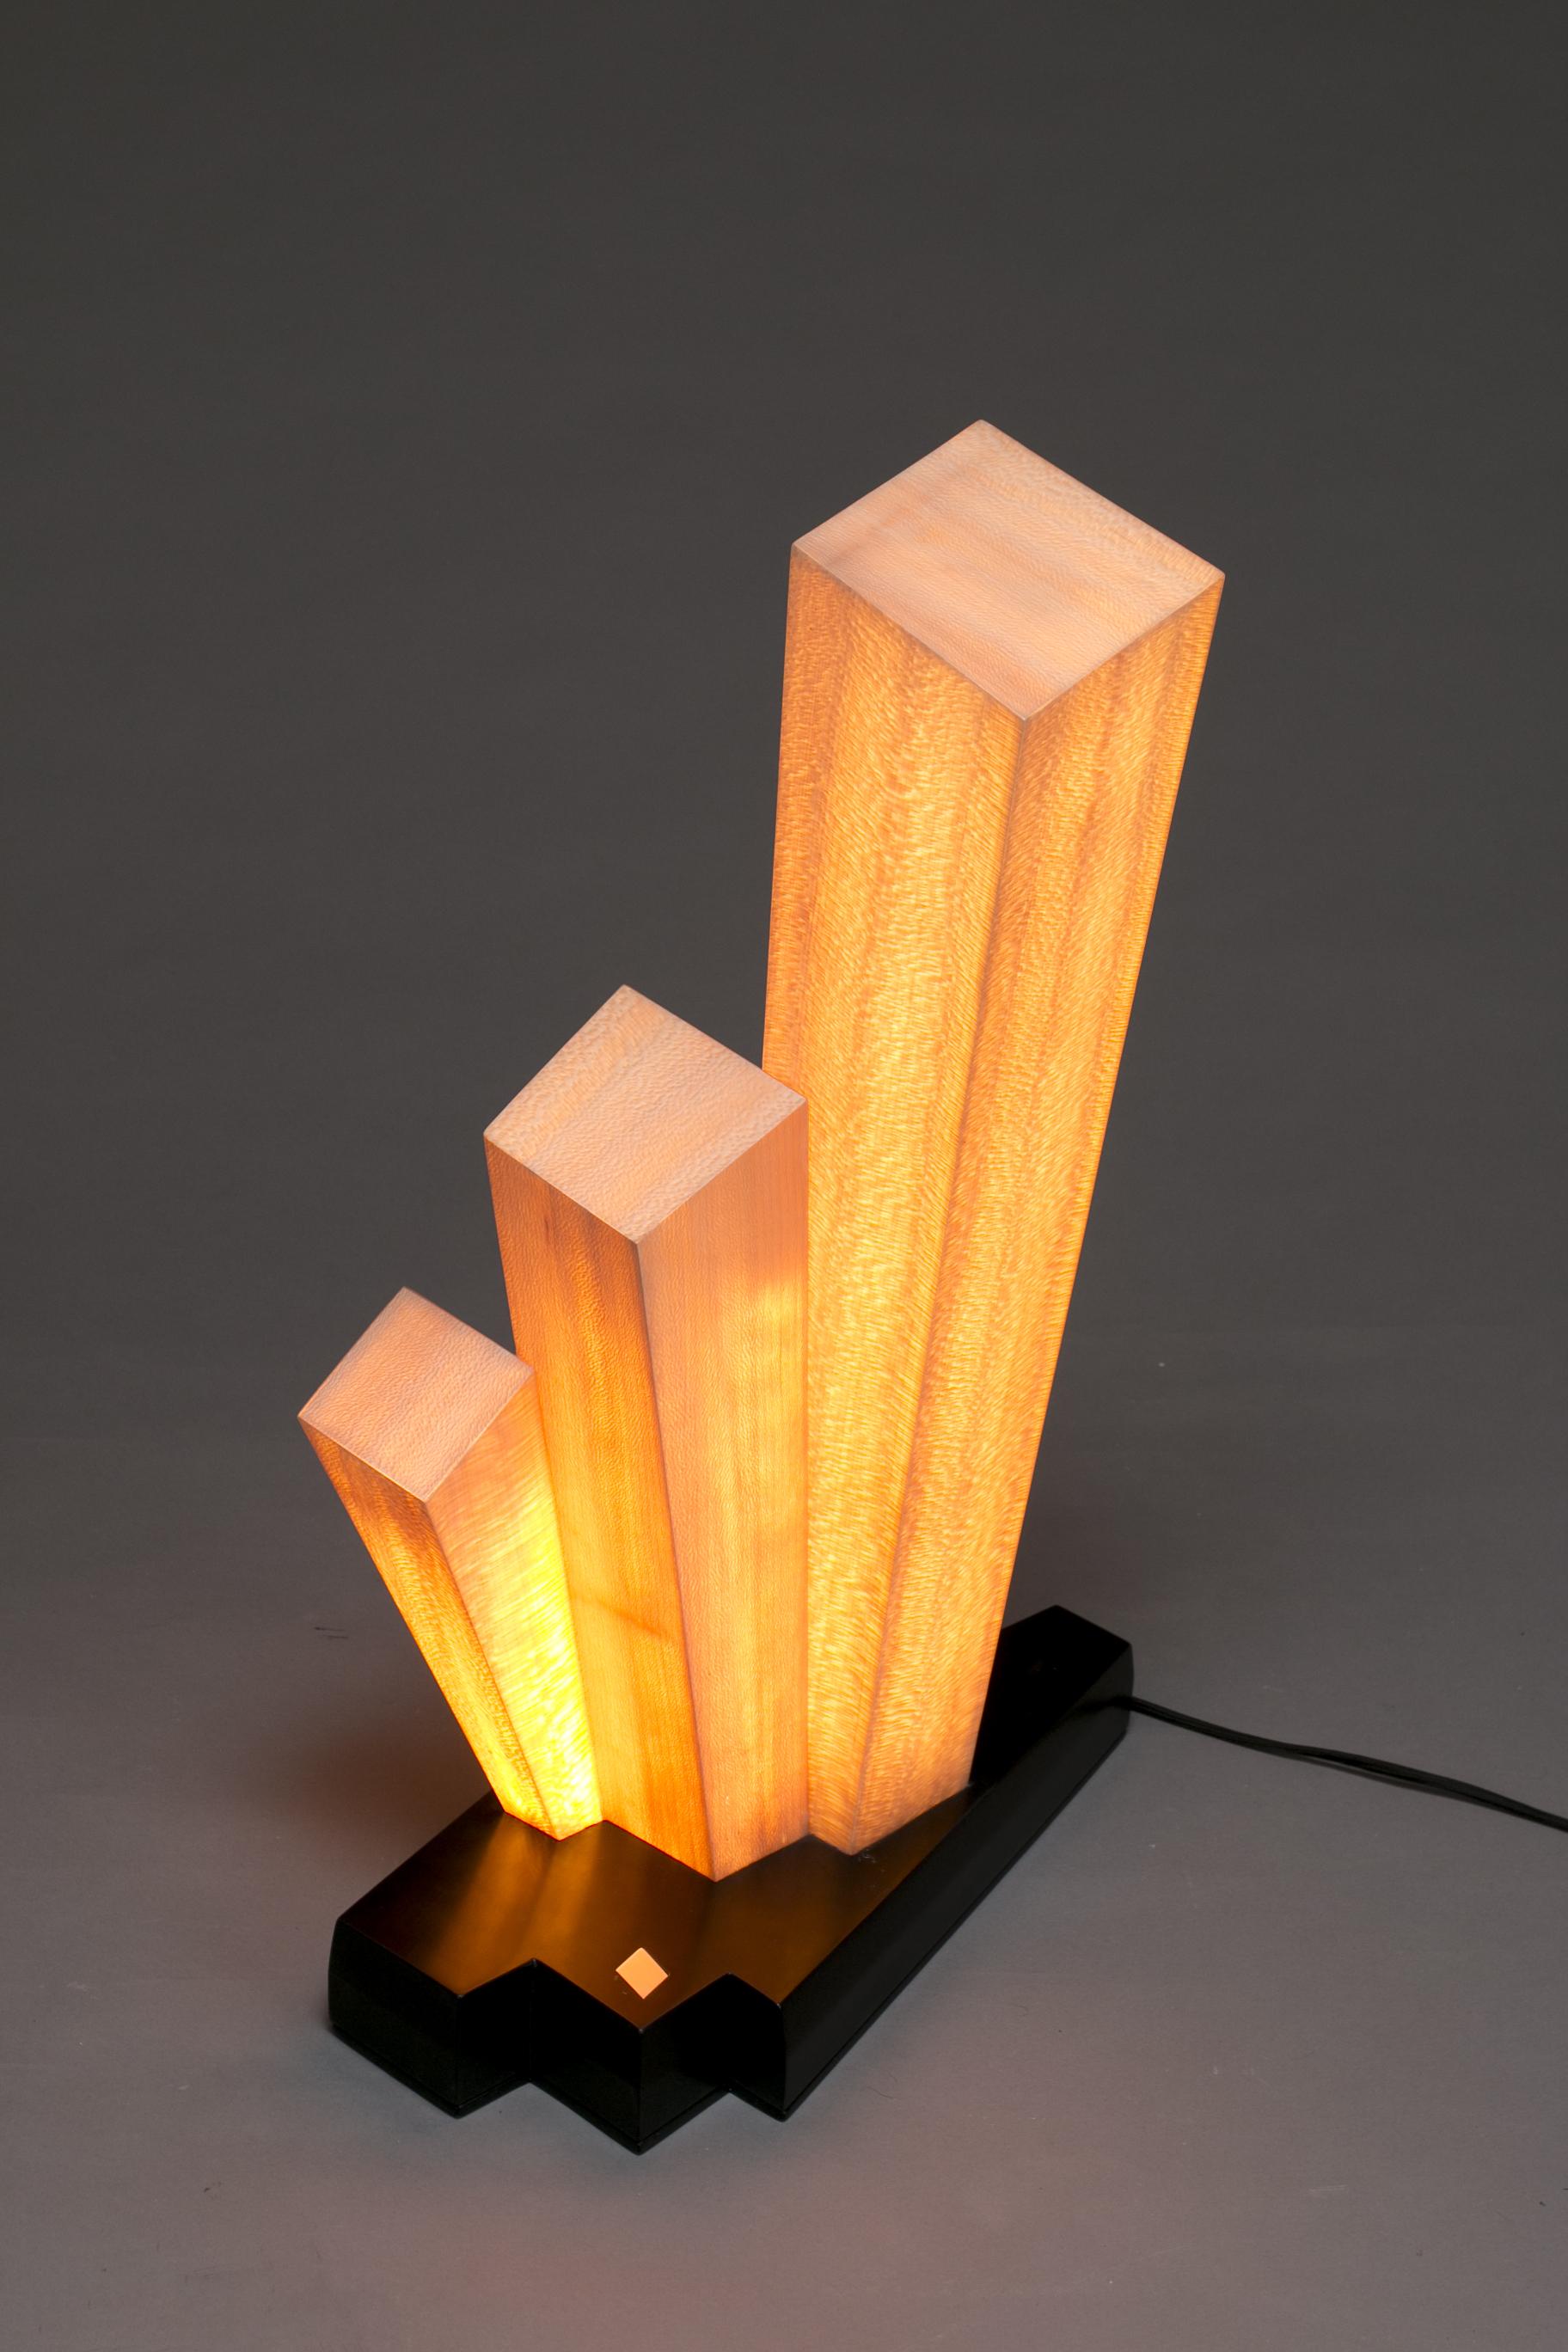 Charlie Baylor - Lighting